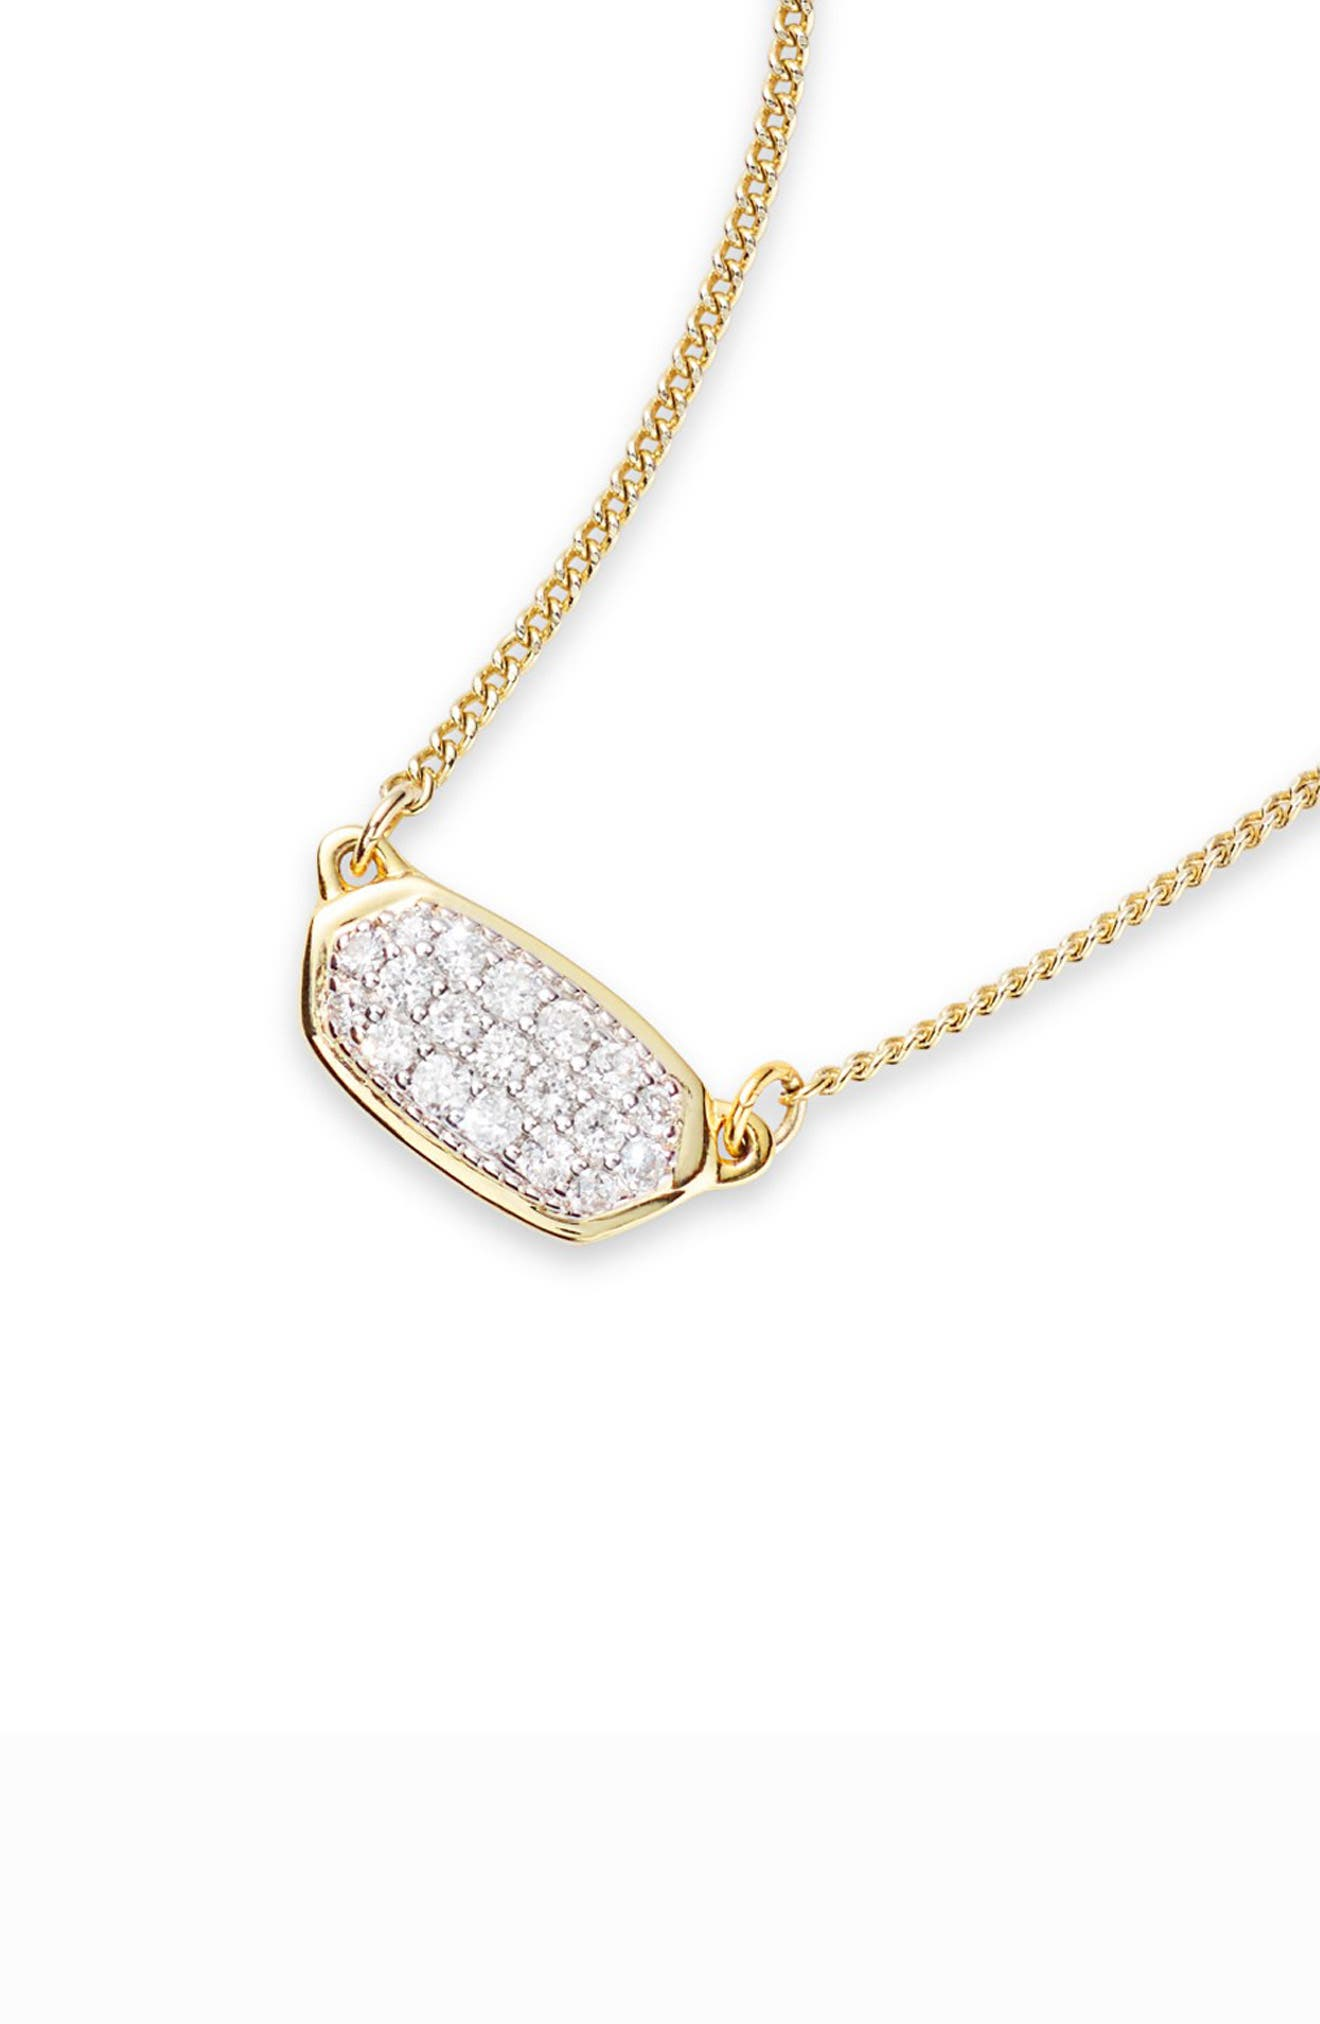 KENDRA SCOTT,                             Lisa Diamond & Gold Pendant Necklace,                             Alternate thumbnail 2, color,                             14K GOLD WHITE DIAMOND